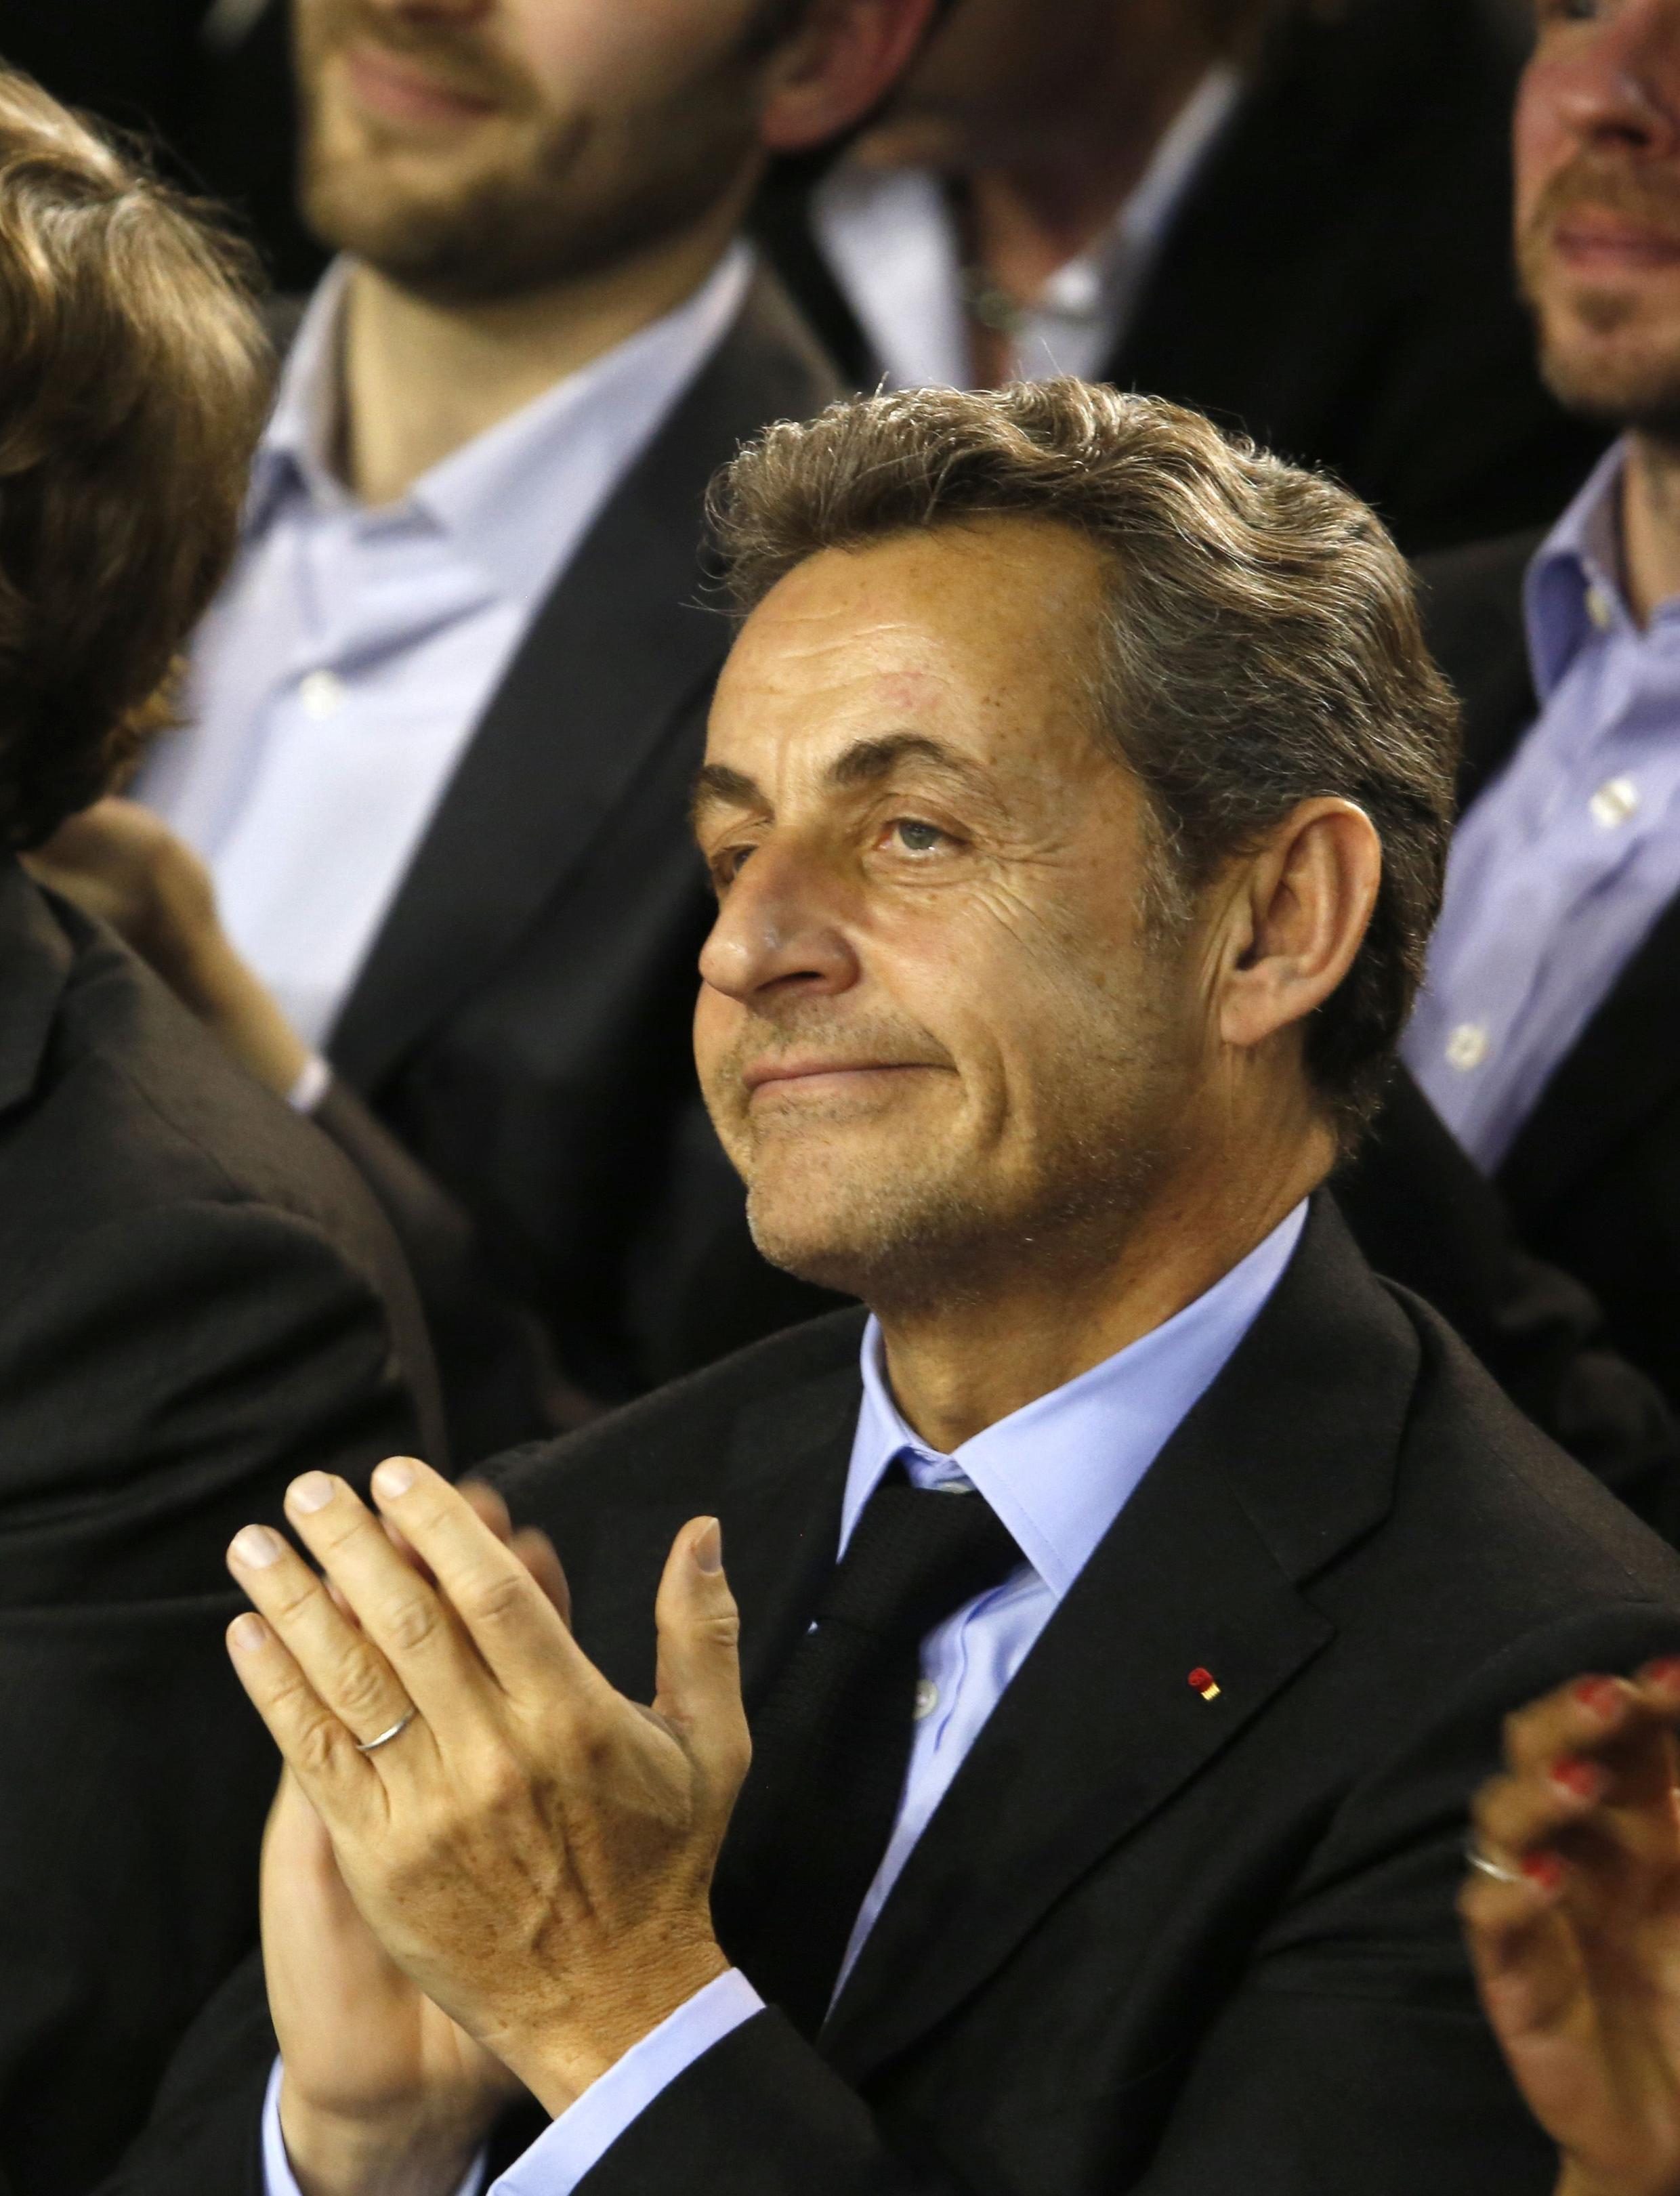 O ex-presidente Nicolas Sarkozy pode ter o futuro político comprometido por um novo processo judicial.